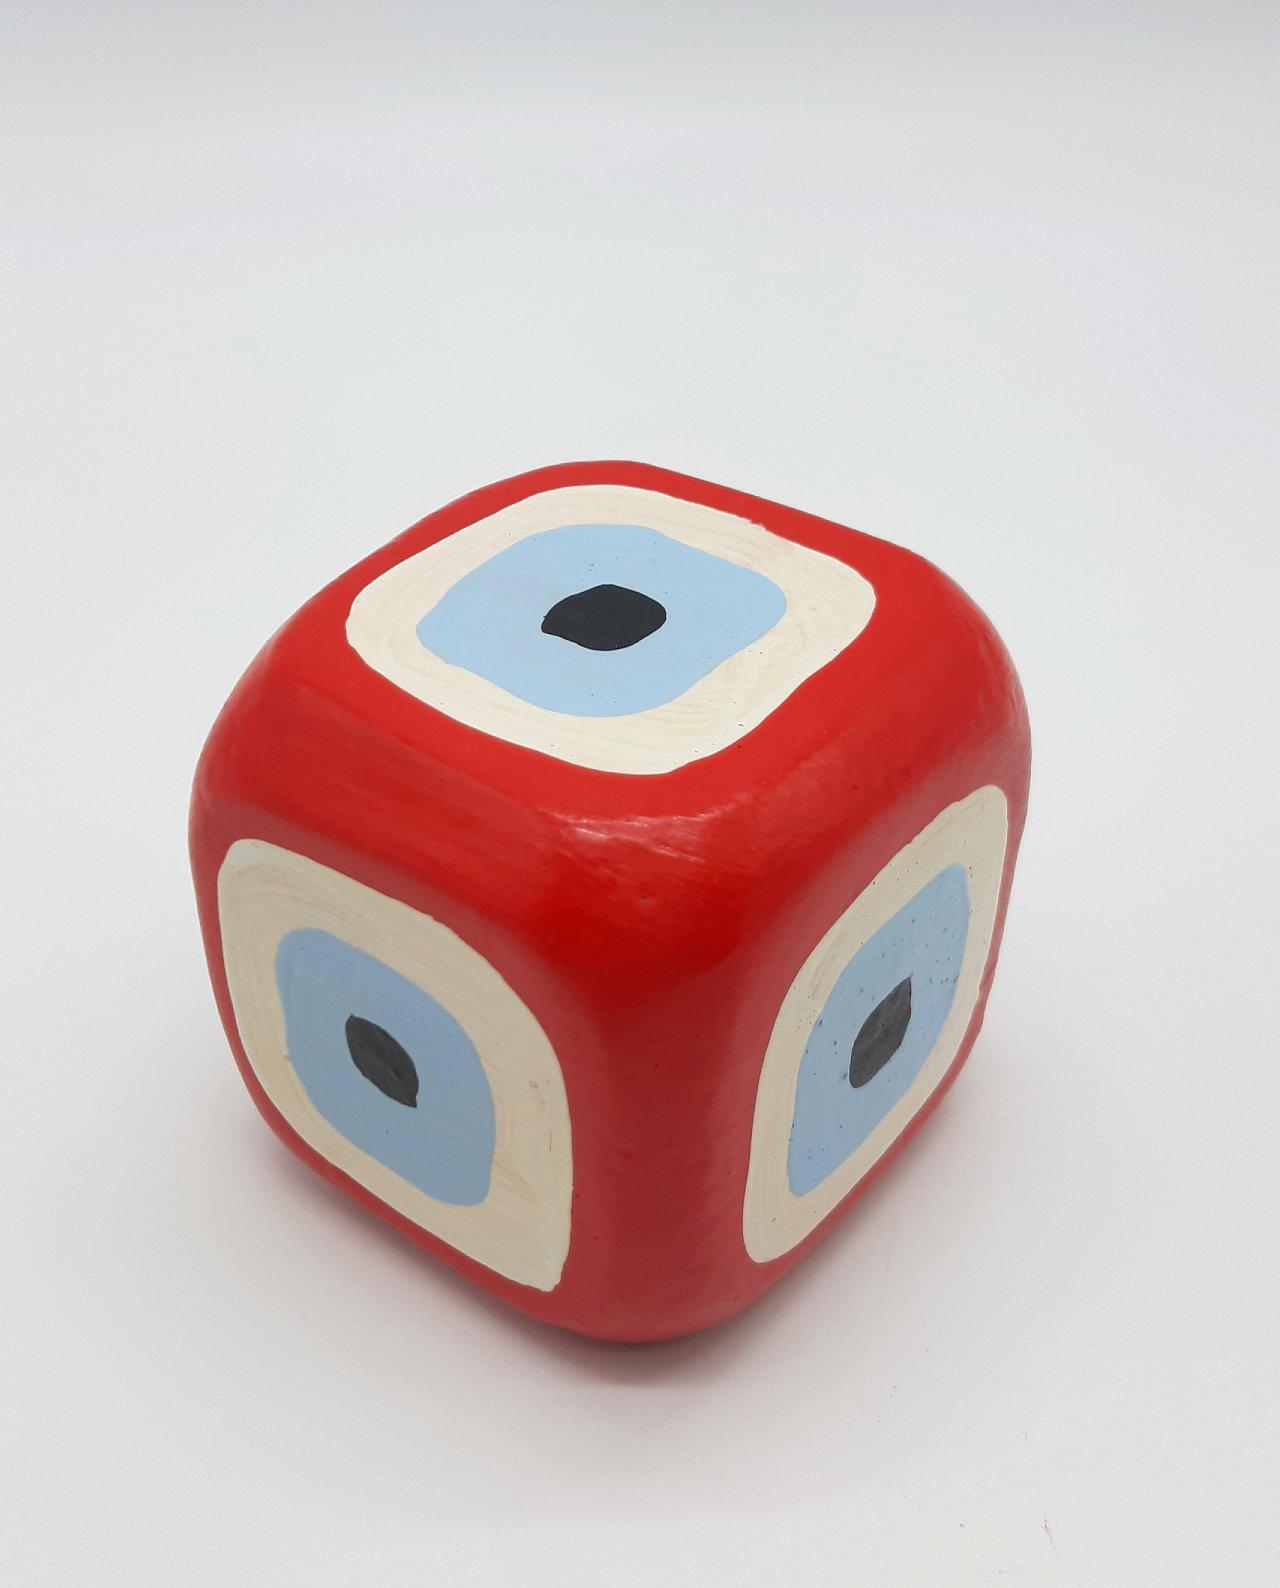 Κύβος Ματάκι Ξύλινος Χειροποίητος 8.5 cm x 8.5 cm x 8.5 cm χρώμα κόκκινος